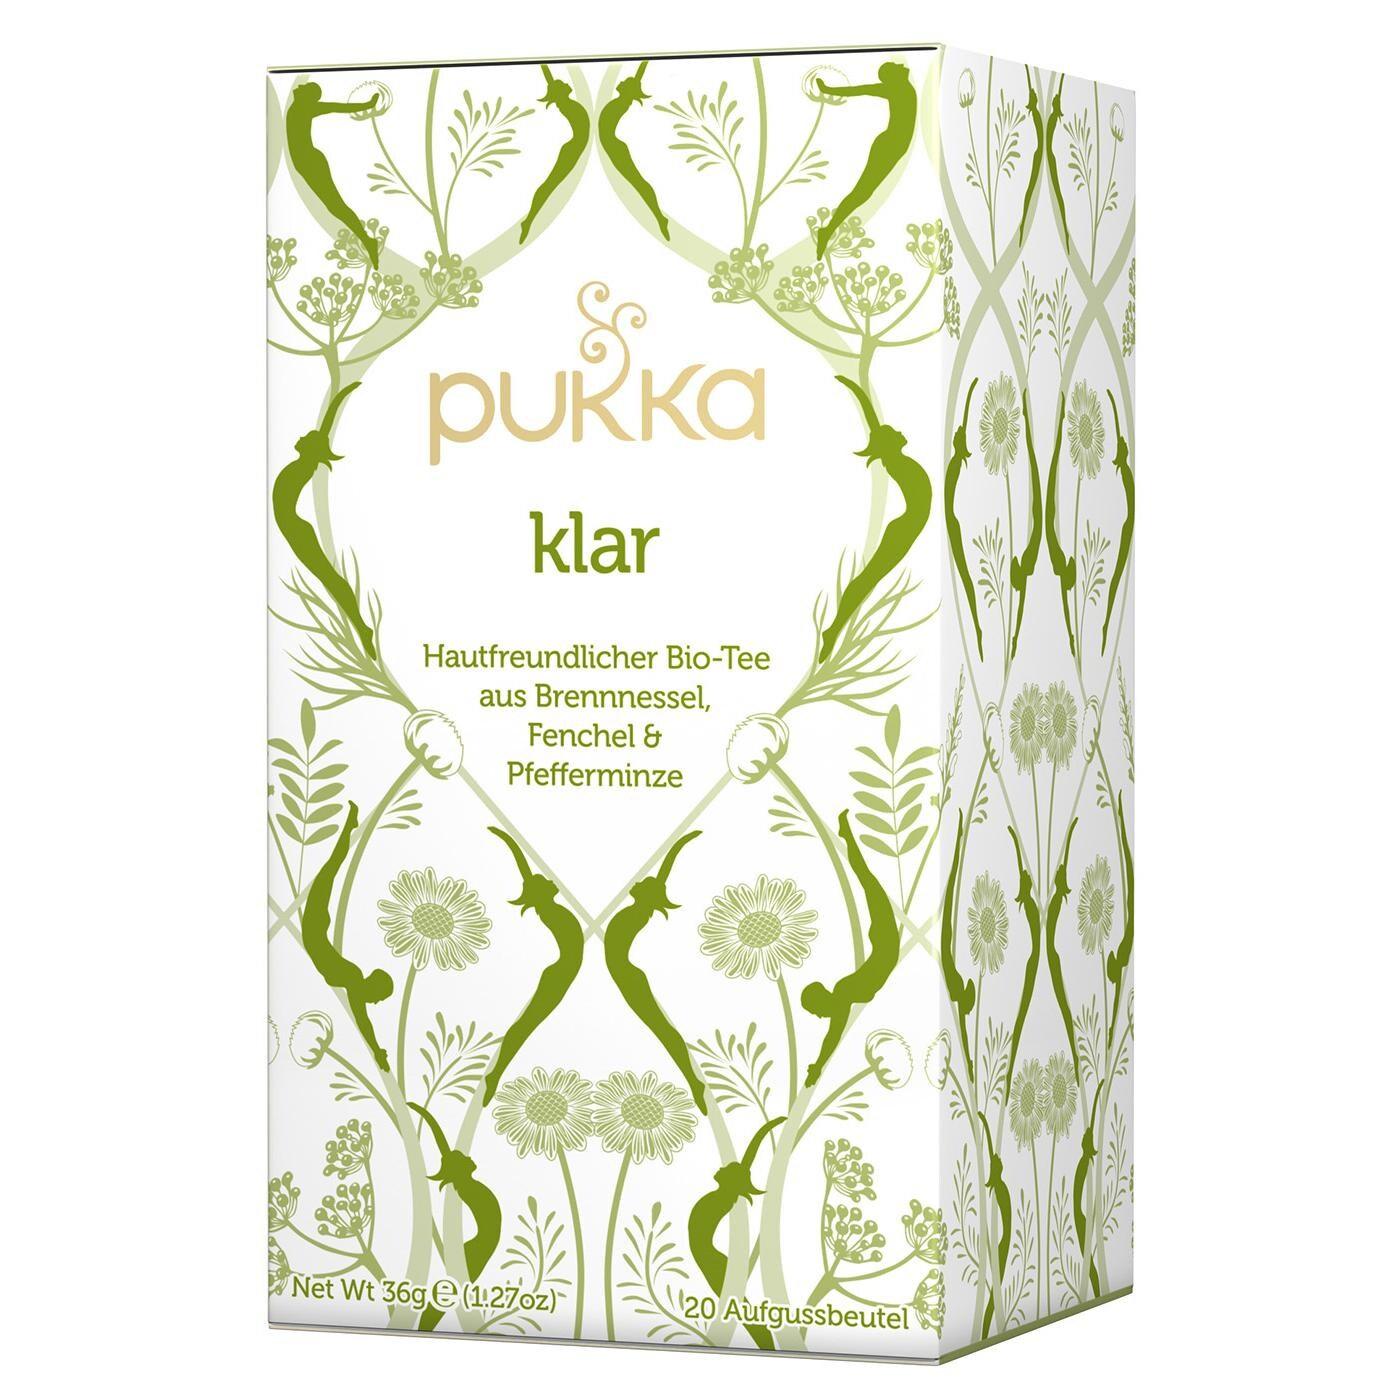 Pukka Herbs Bio Klar Teemischung 40g